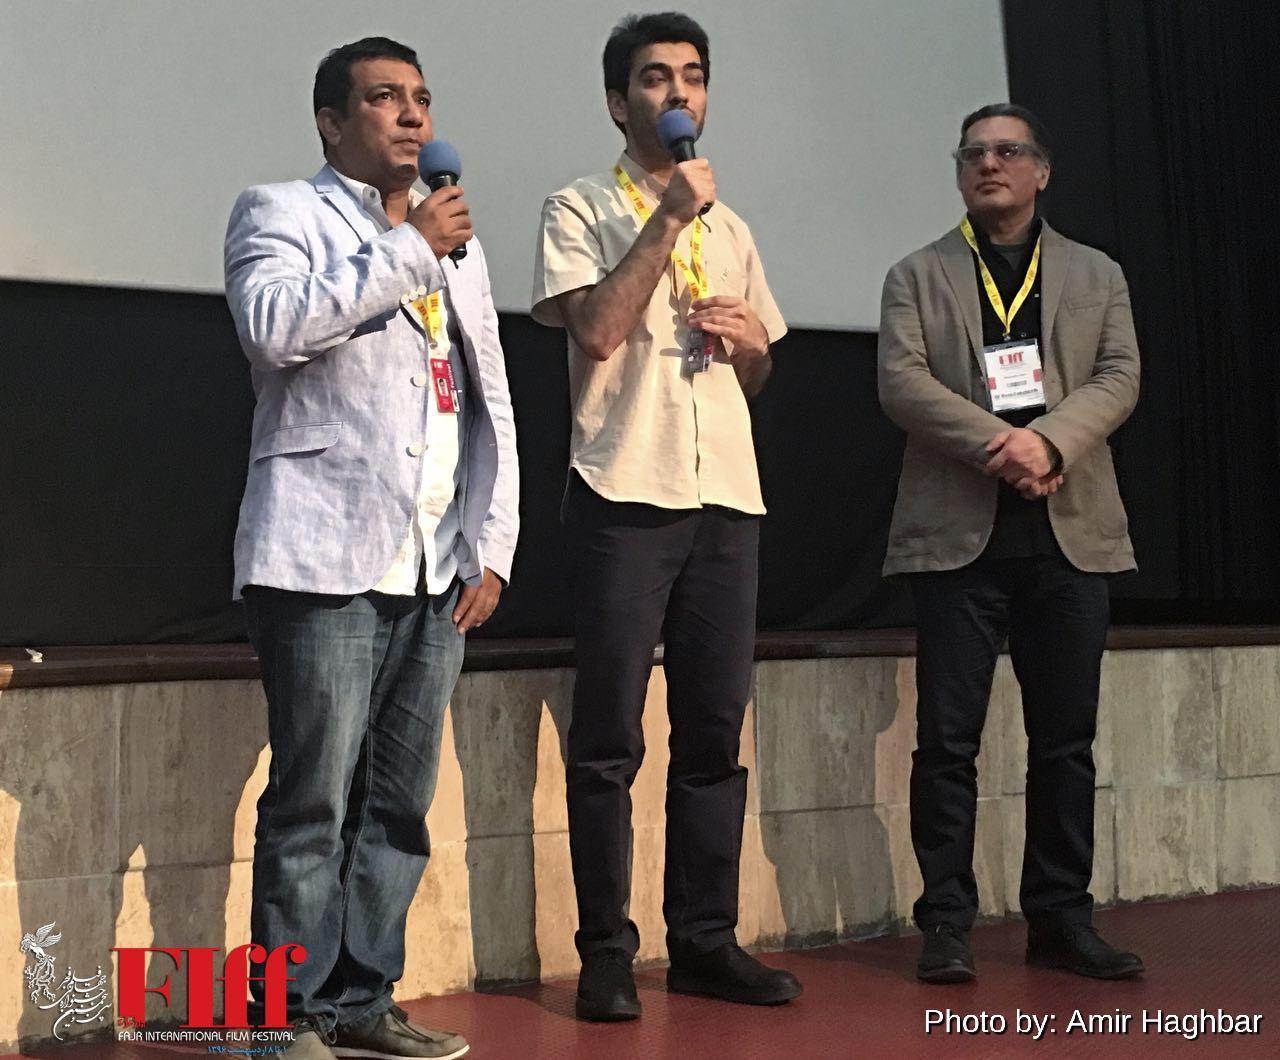 معرفی «بی نام و نشان» در جشنواره جهانی